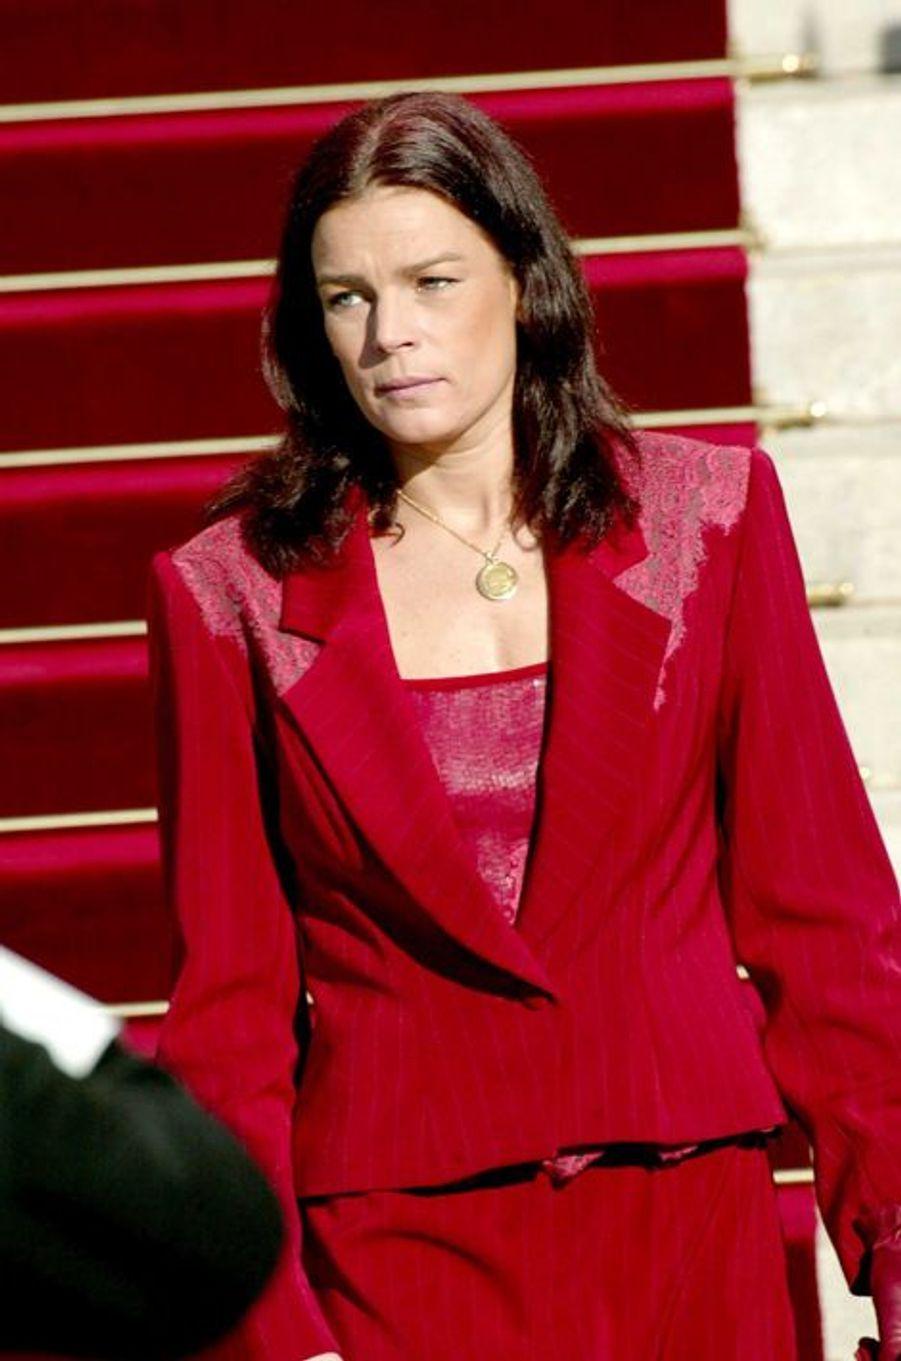 La princesse Stéphanie de Monaco le 19 novembre 2002